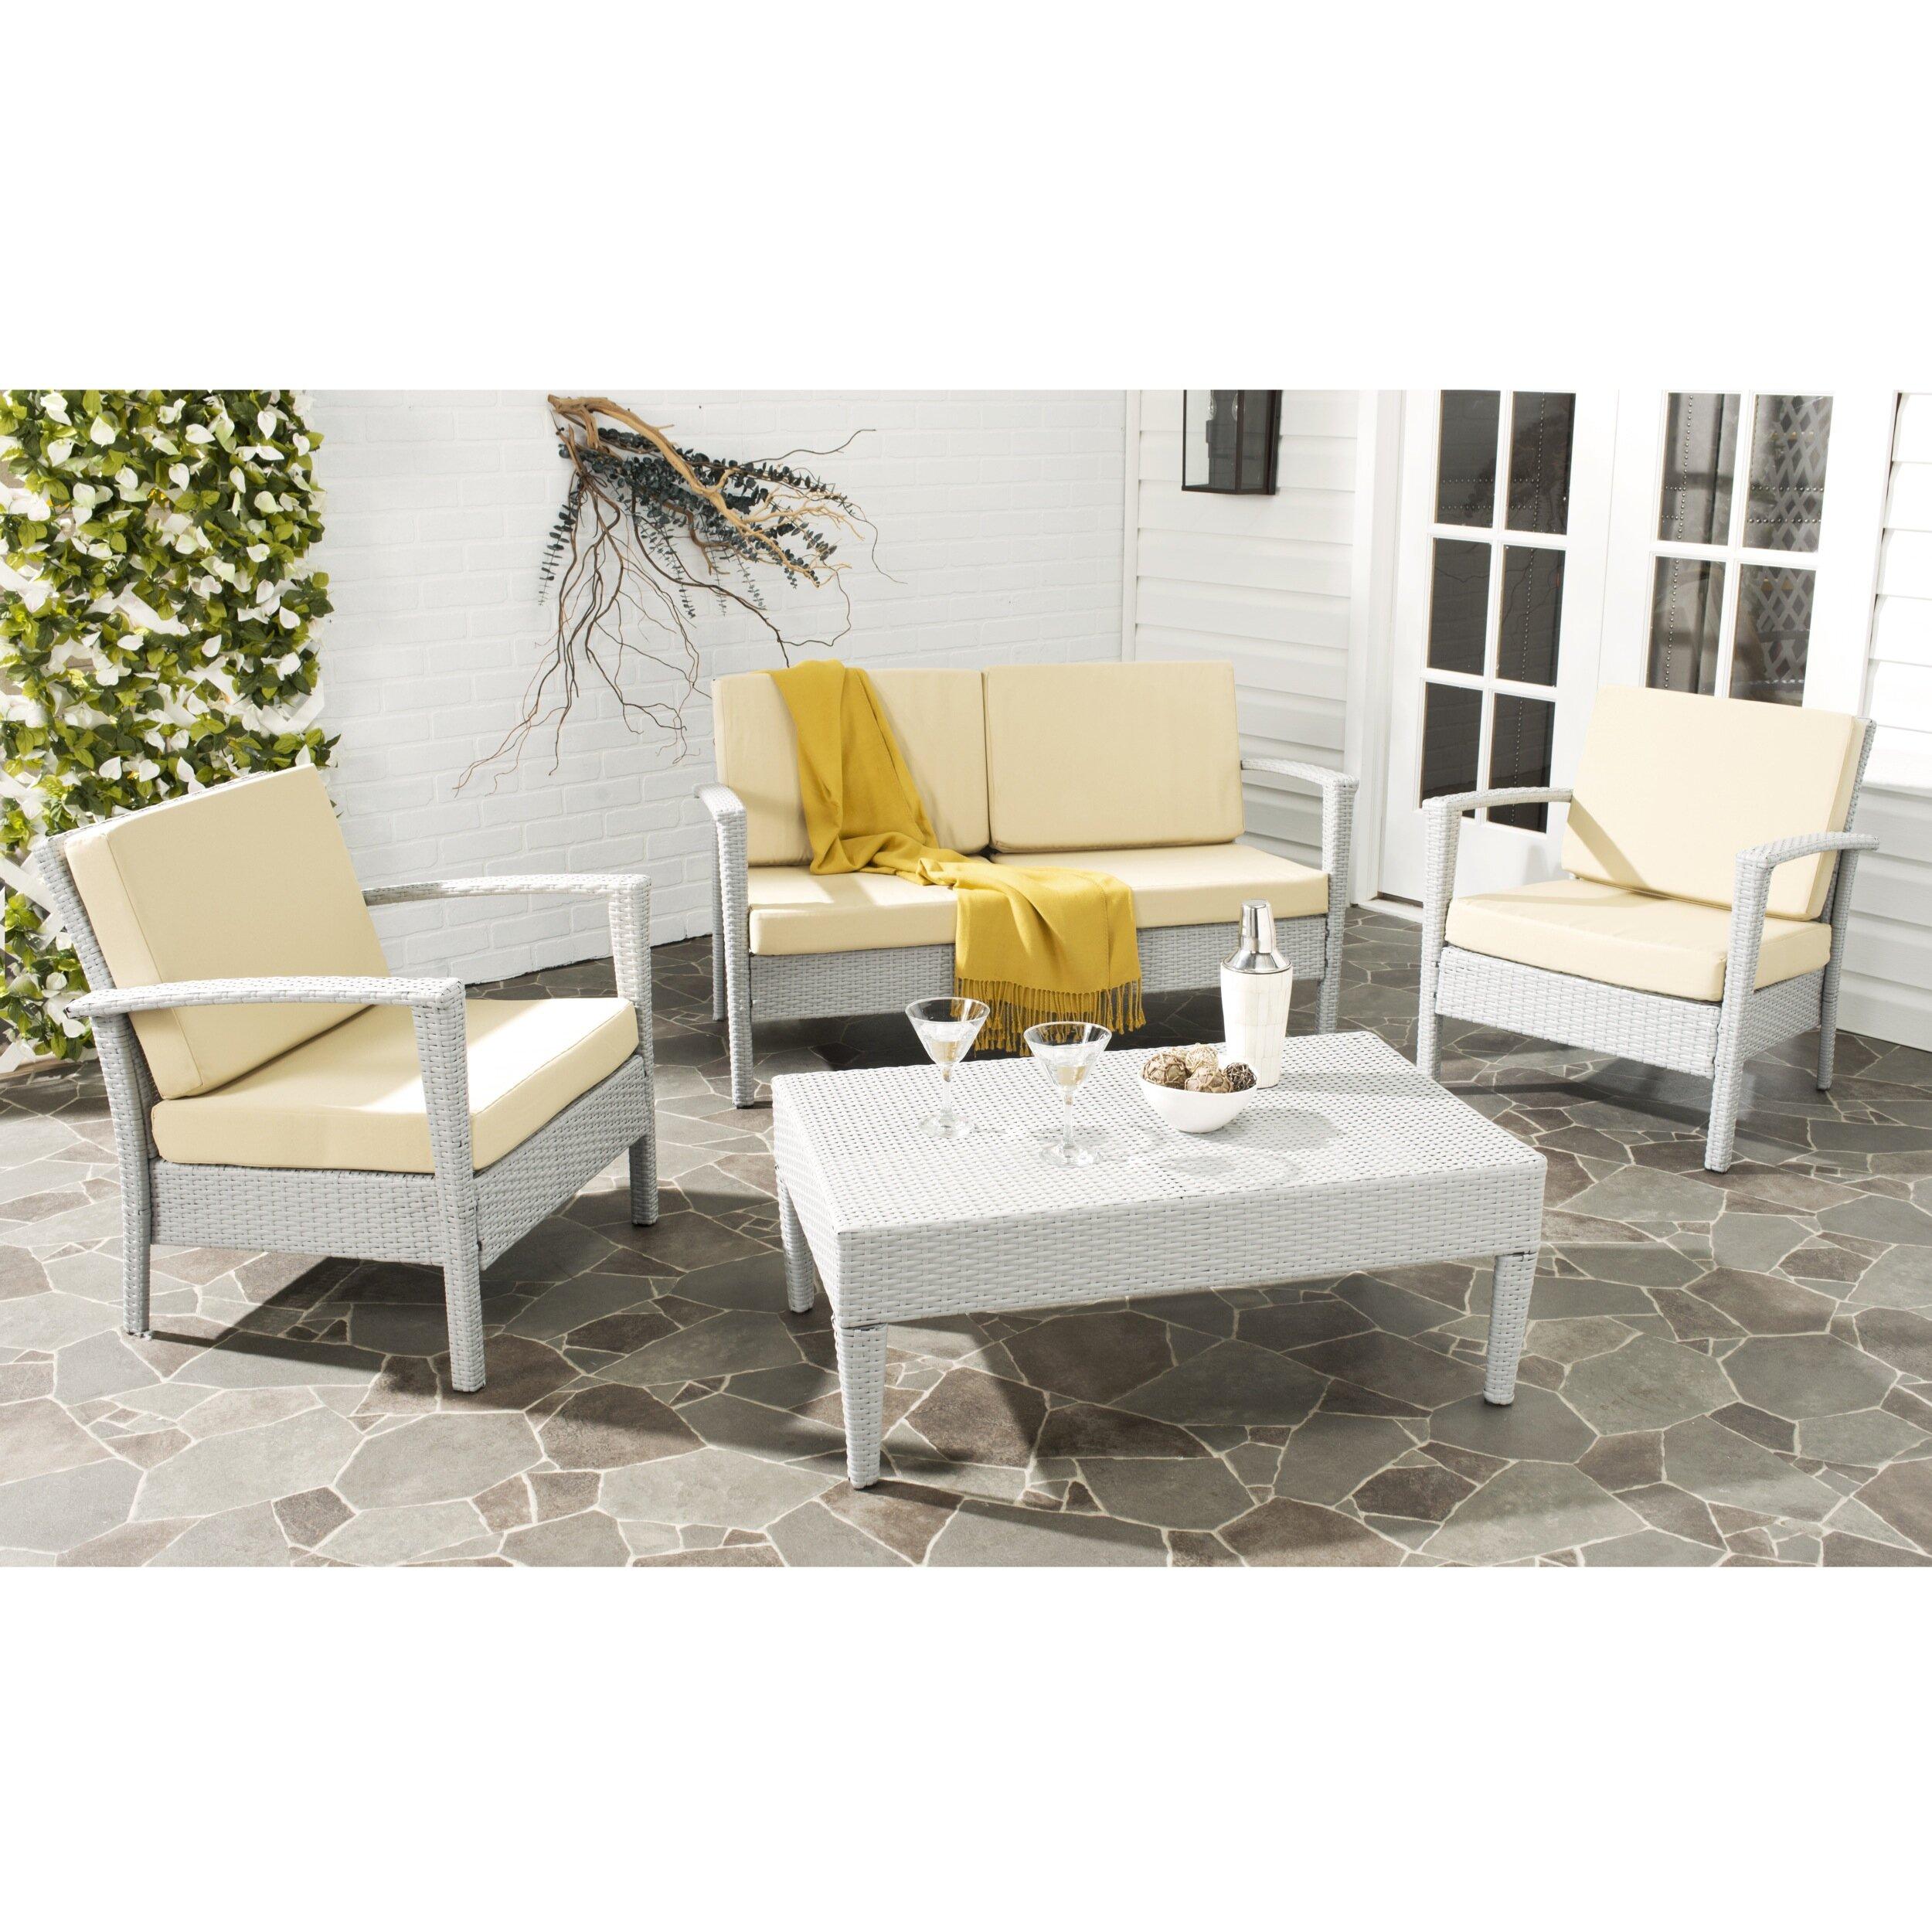 Brayden Studio Piscataway 4 Piece Outdoor Dining Chair